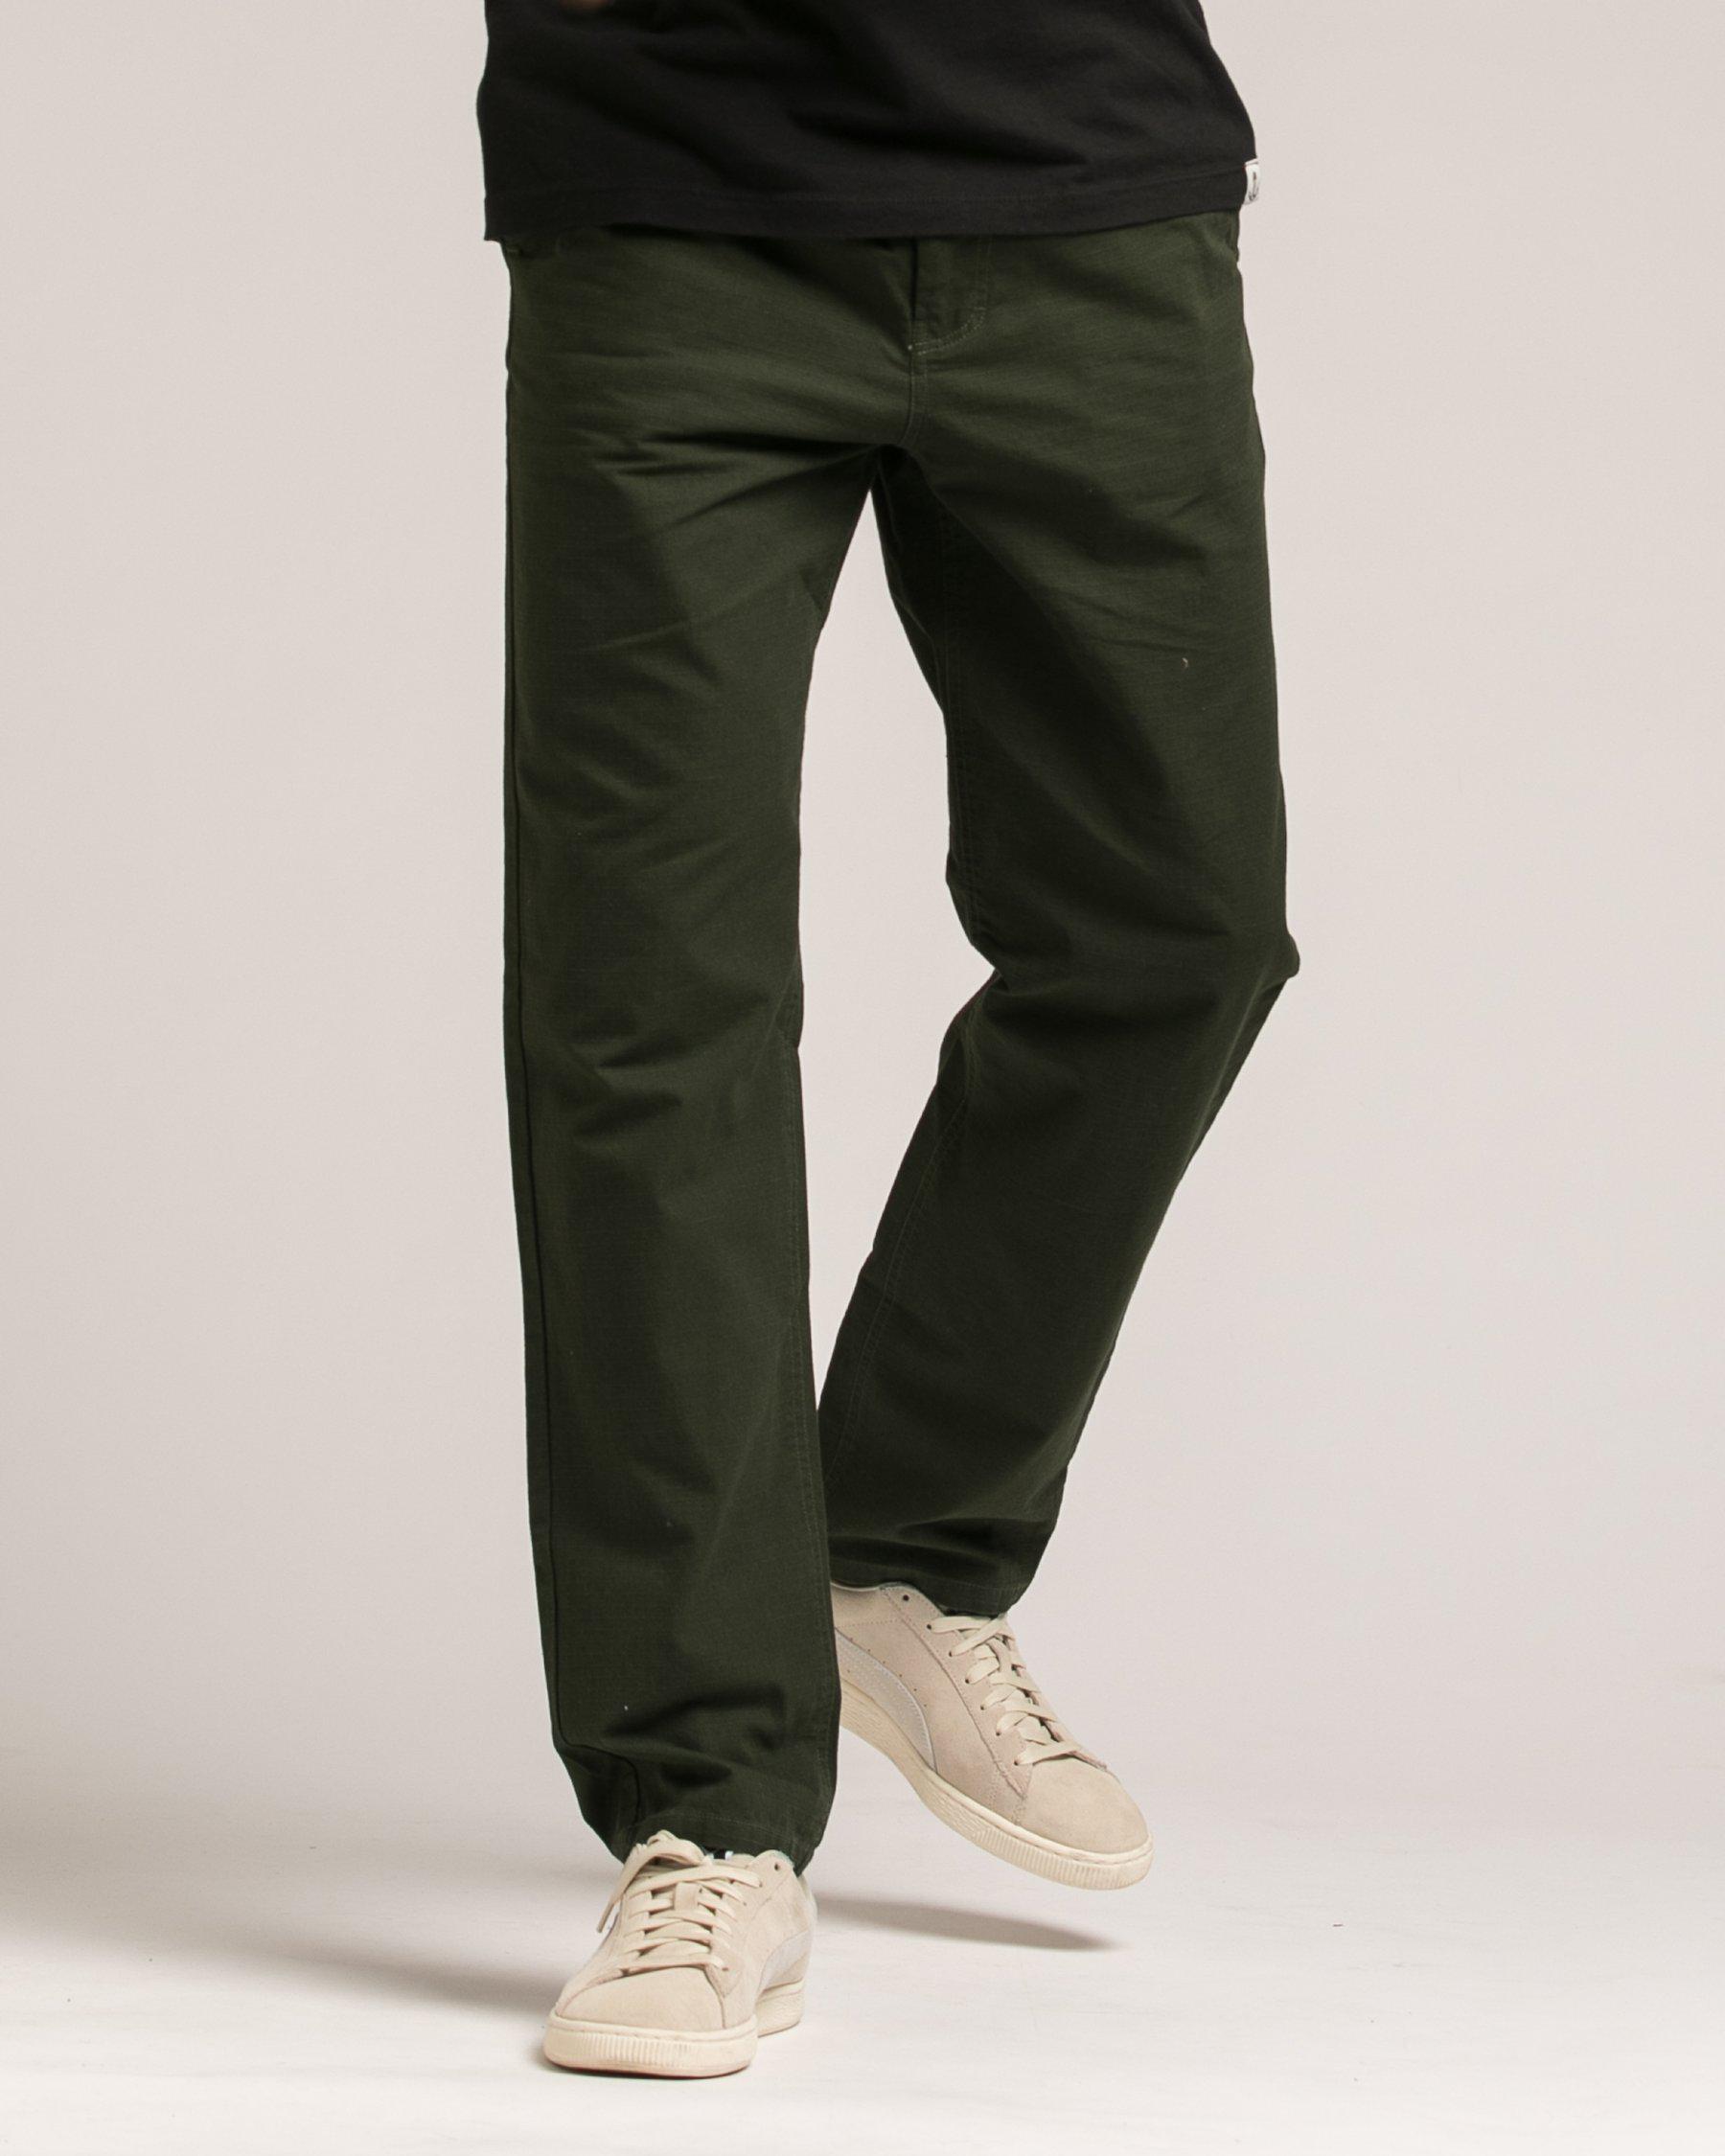 Pantalons - Pantalons Fer Et De Résine tzhTZ5w8uL